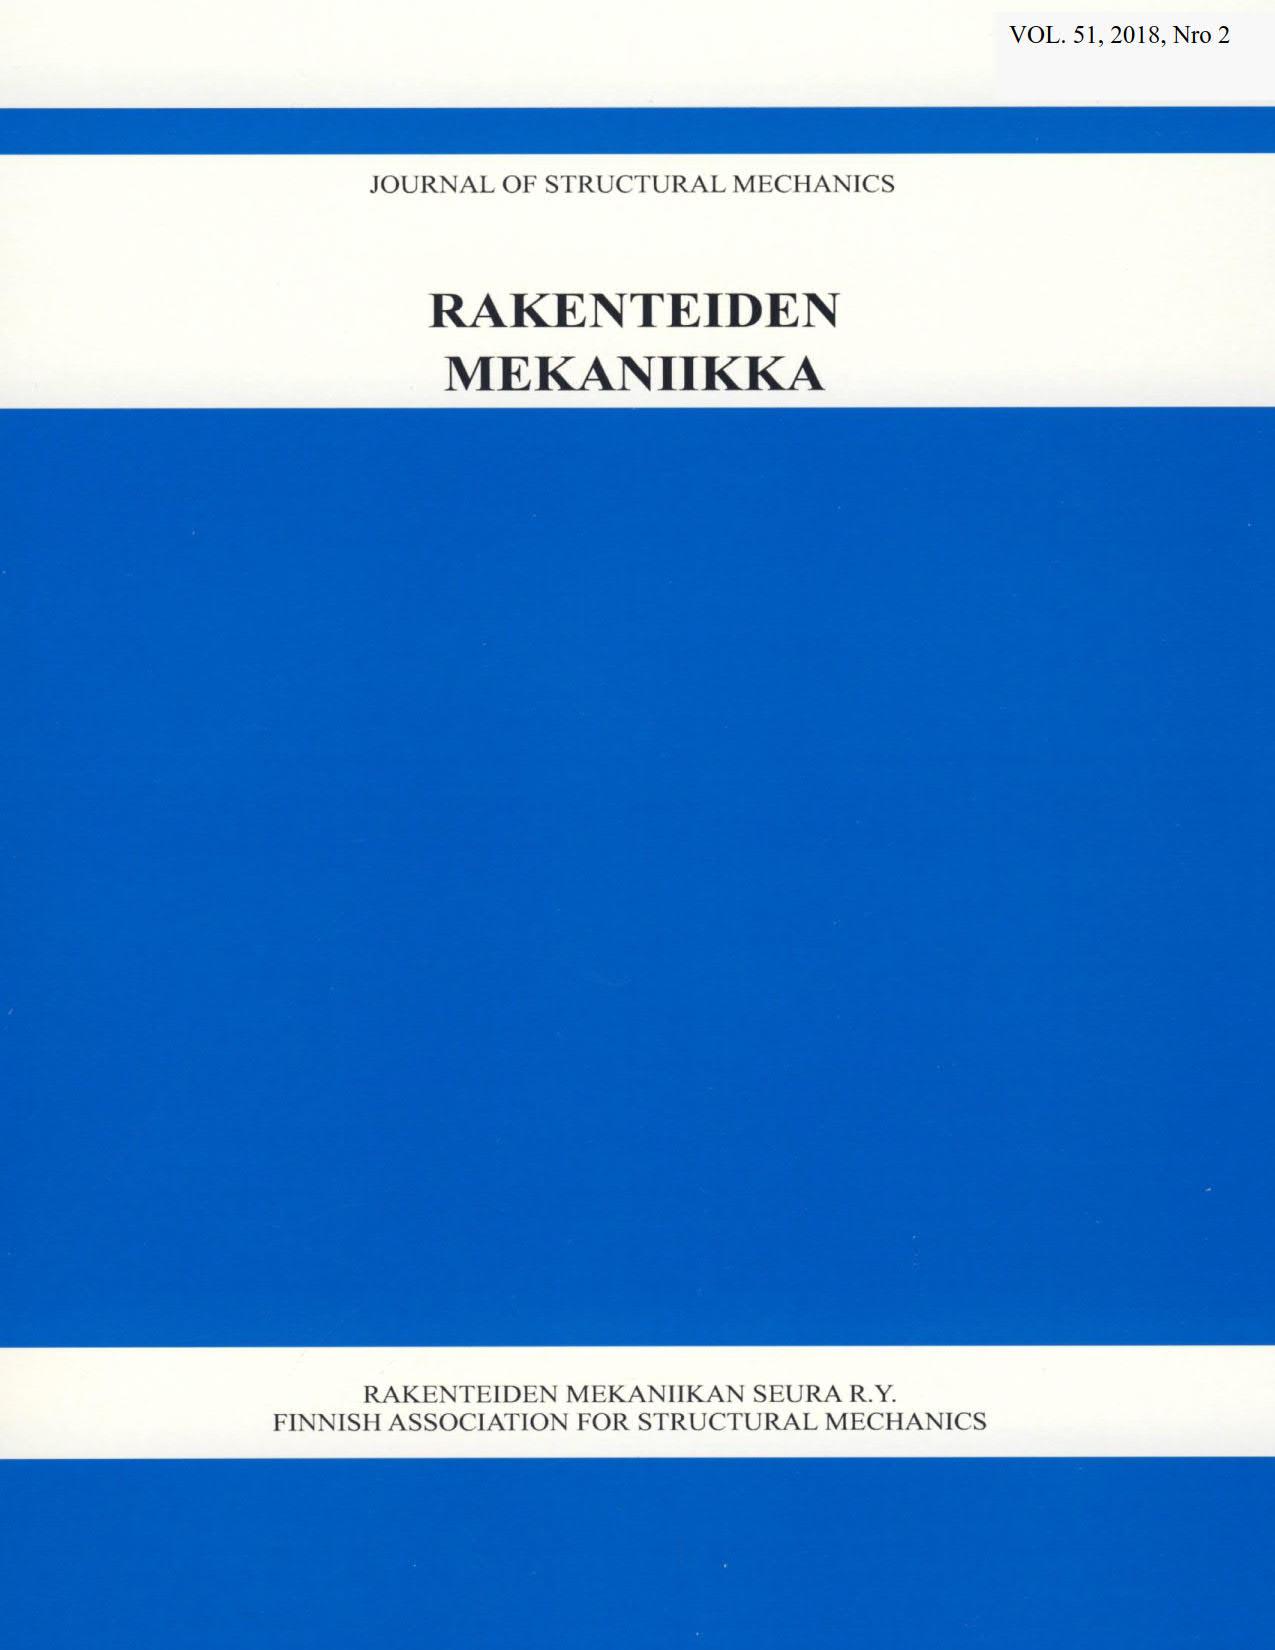 Näytä Vol 51 Nro 2 (2018)